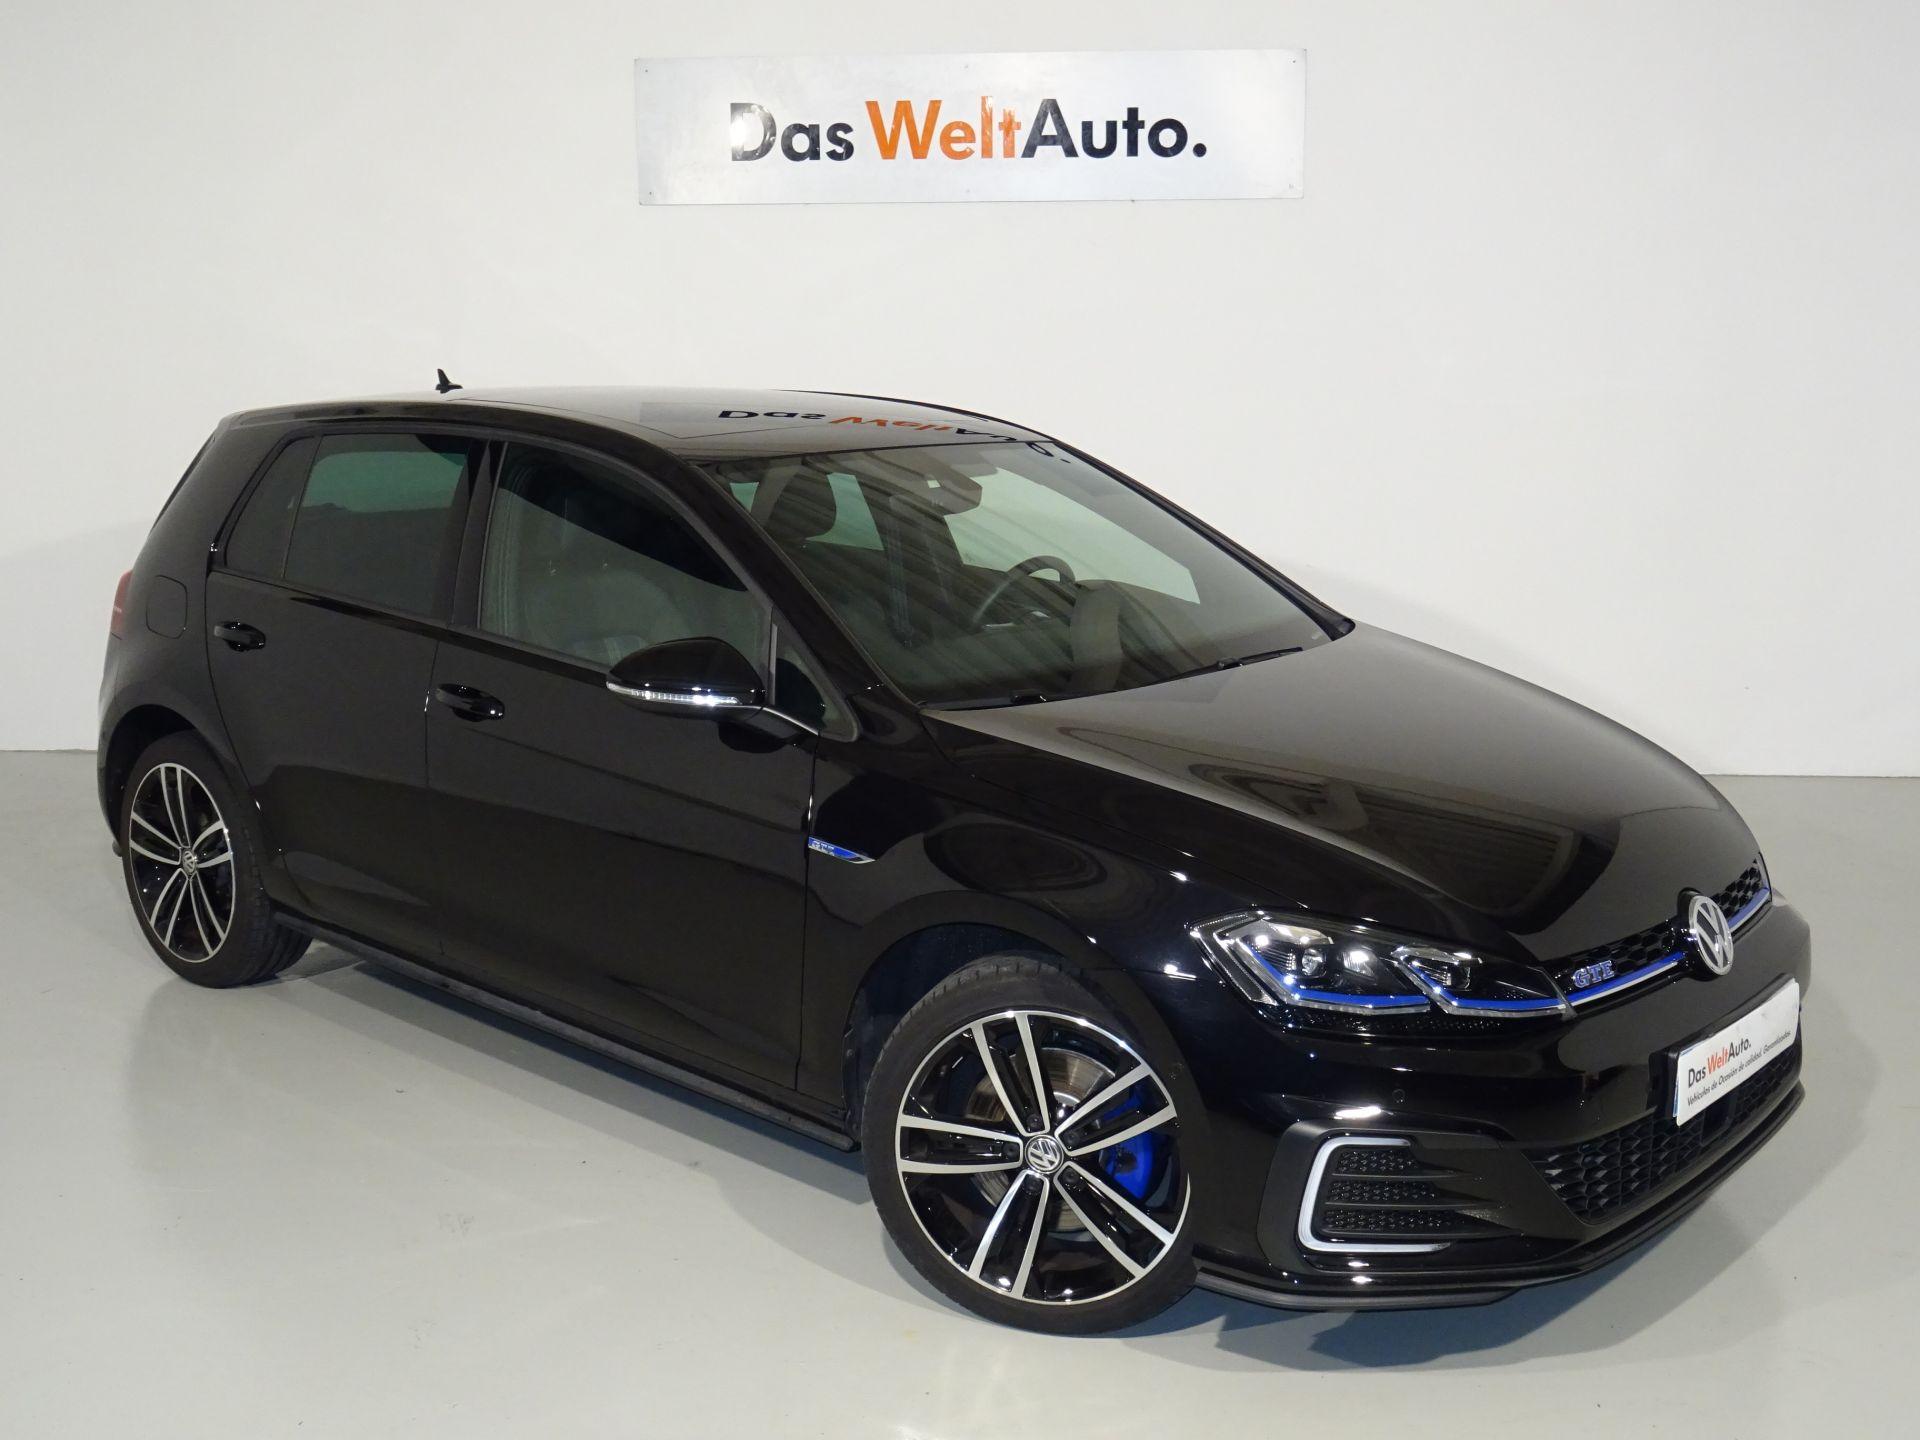 Volkswagen Golf GTE 1.4 TSI e-Power 150kW (204CV) DSG